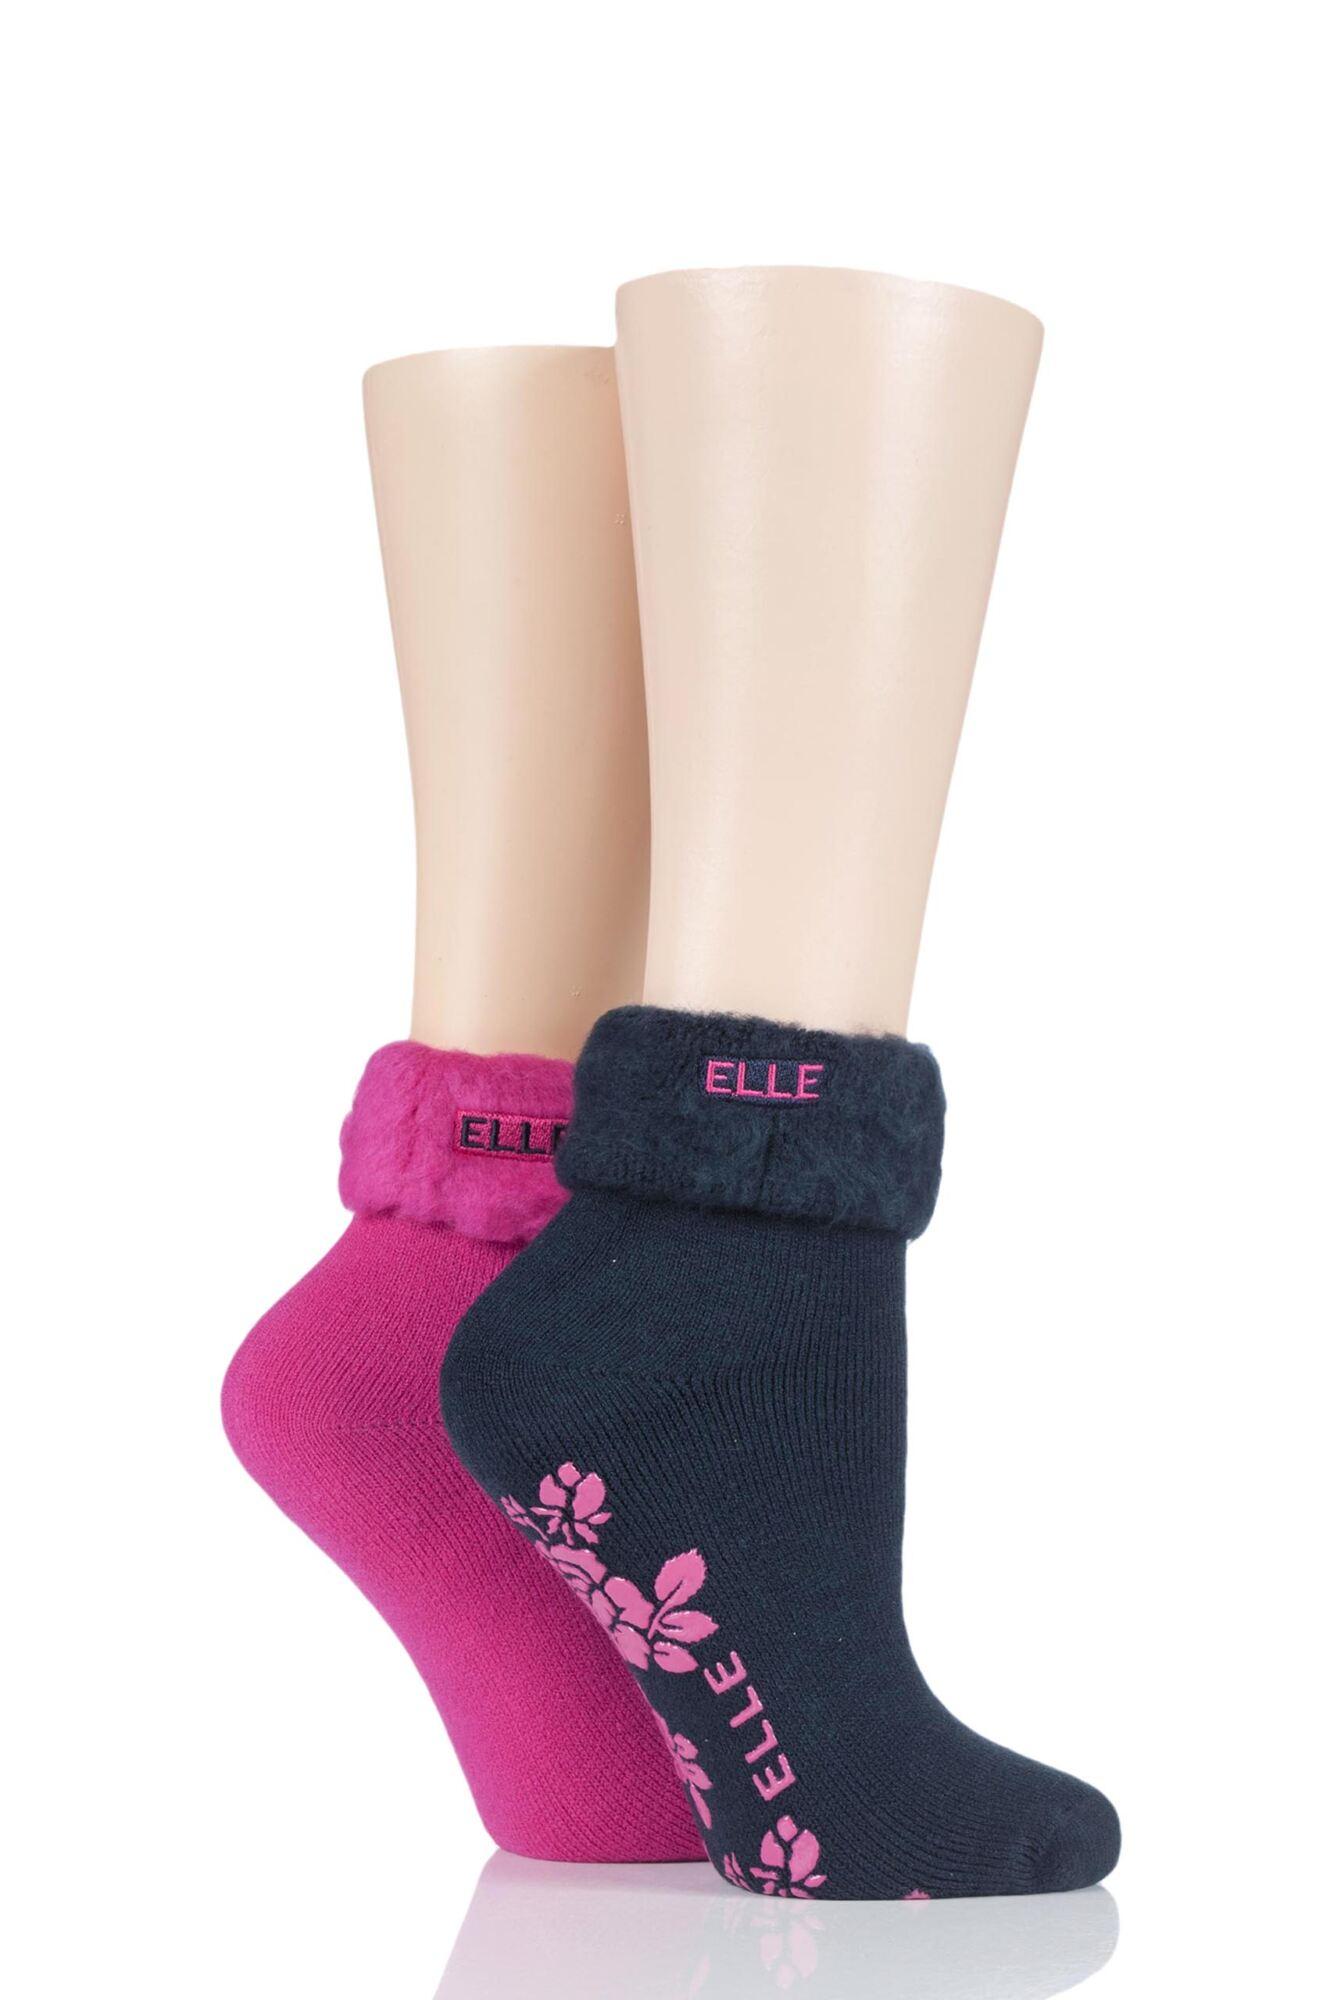 2 Pair Thermal Bed and Slipper Socks Ladies - Elle